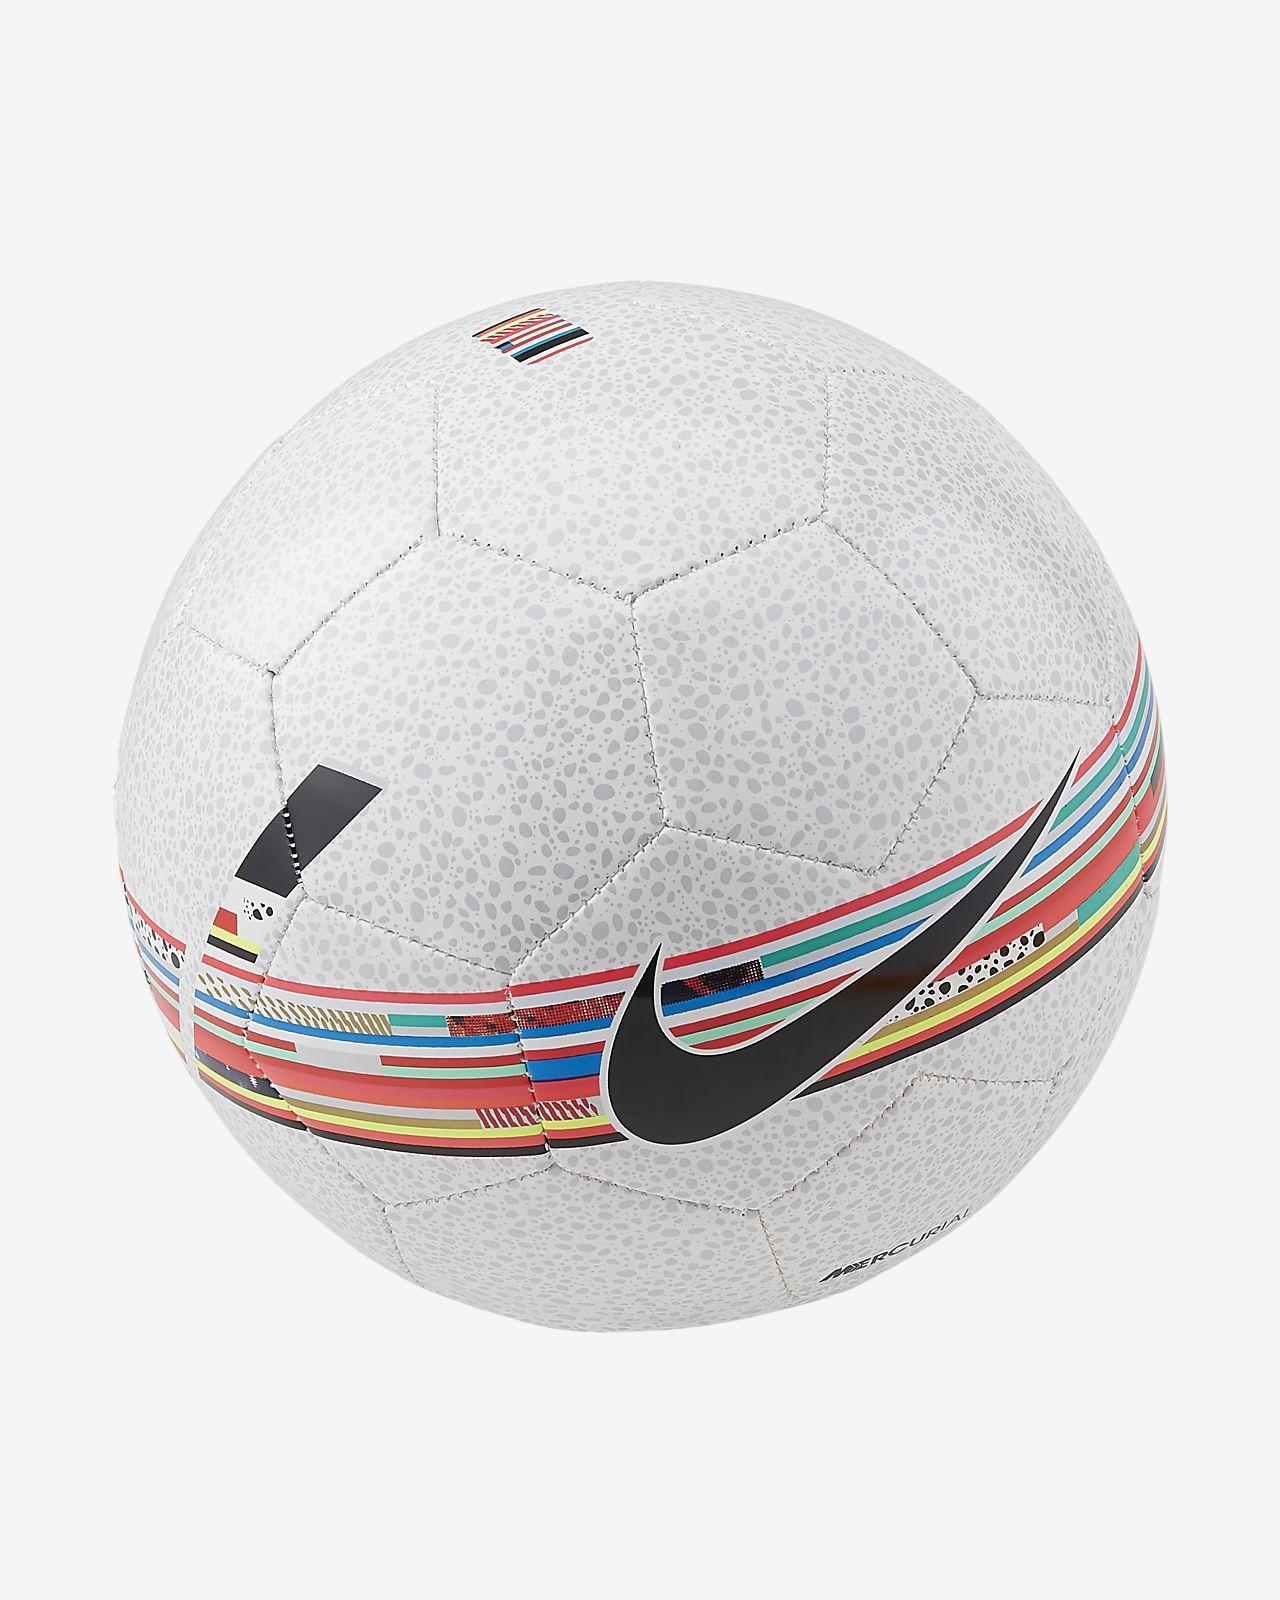 Μπάλα ποδοσφαίρου Nike Mercurial Prestige